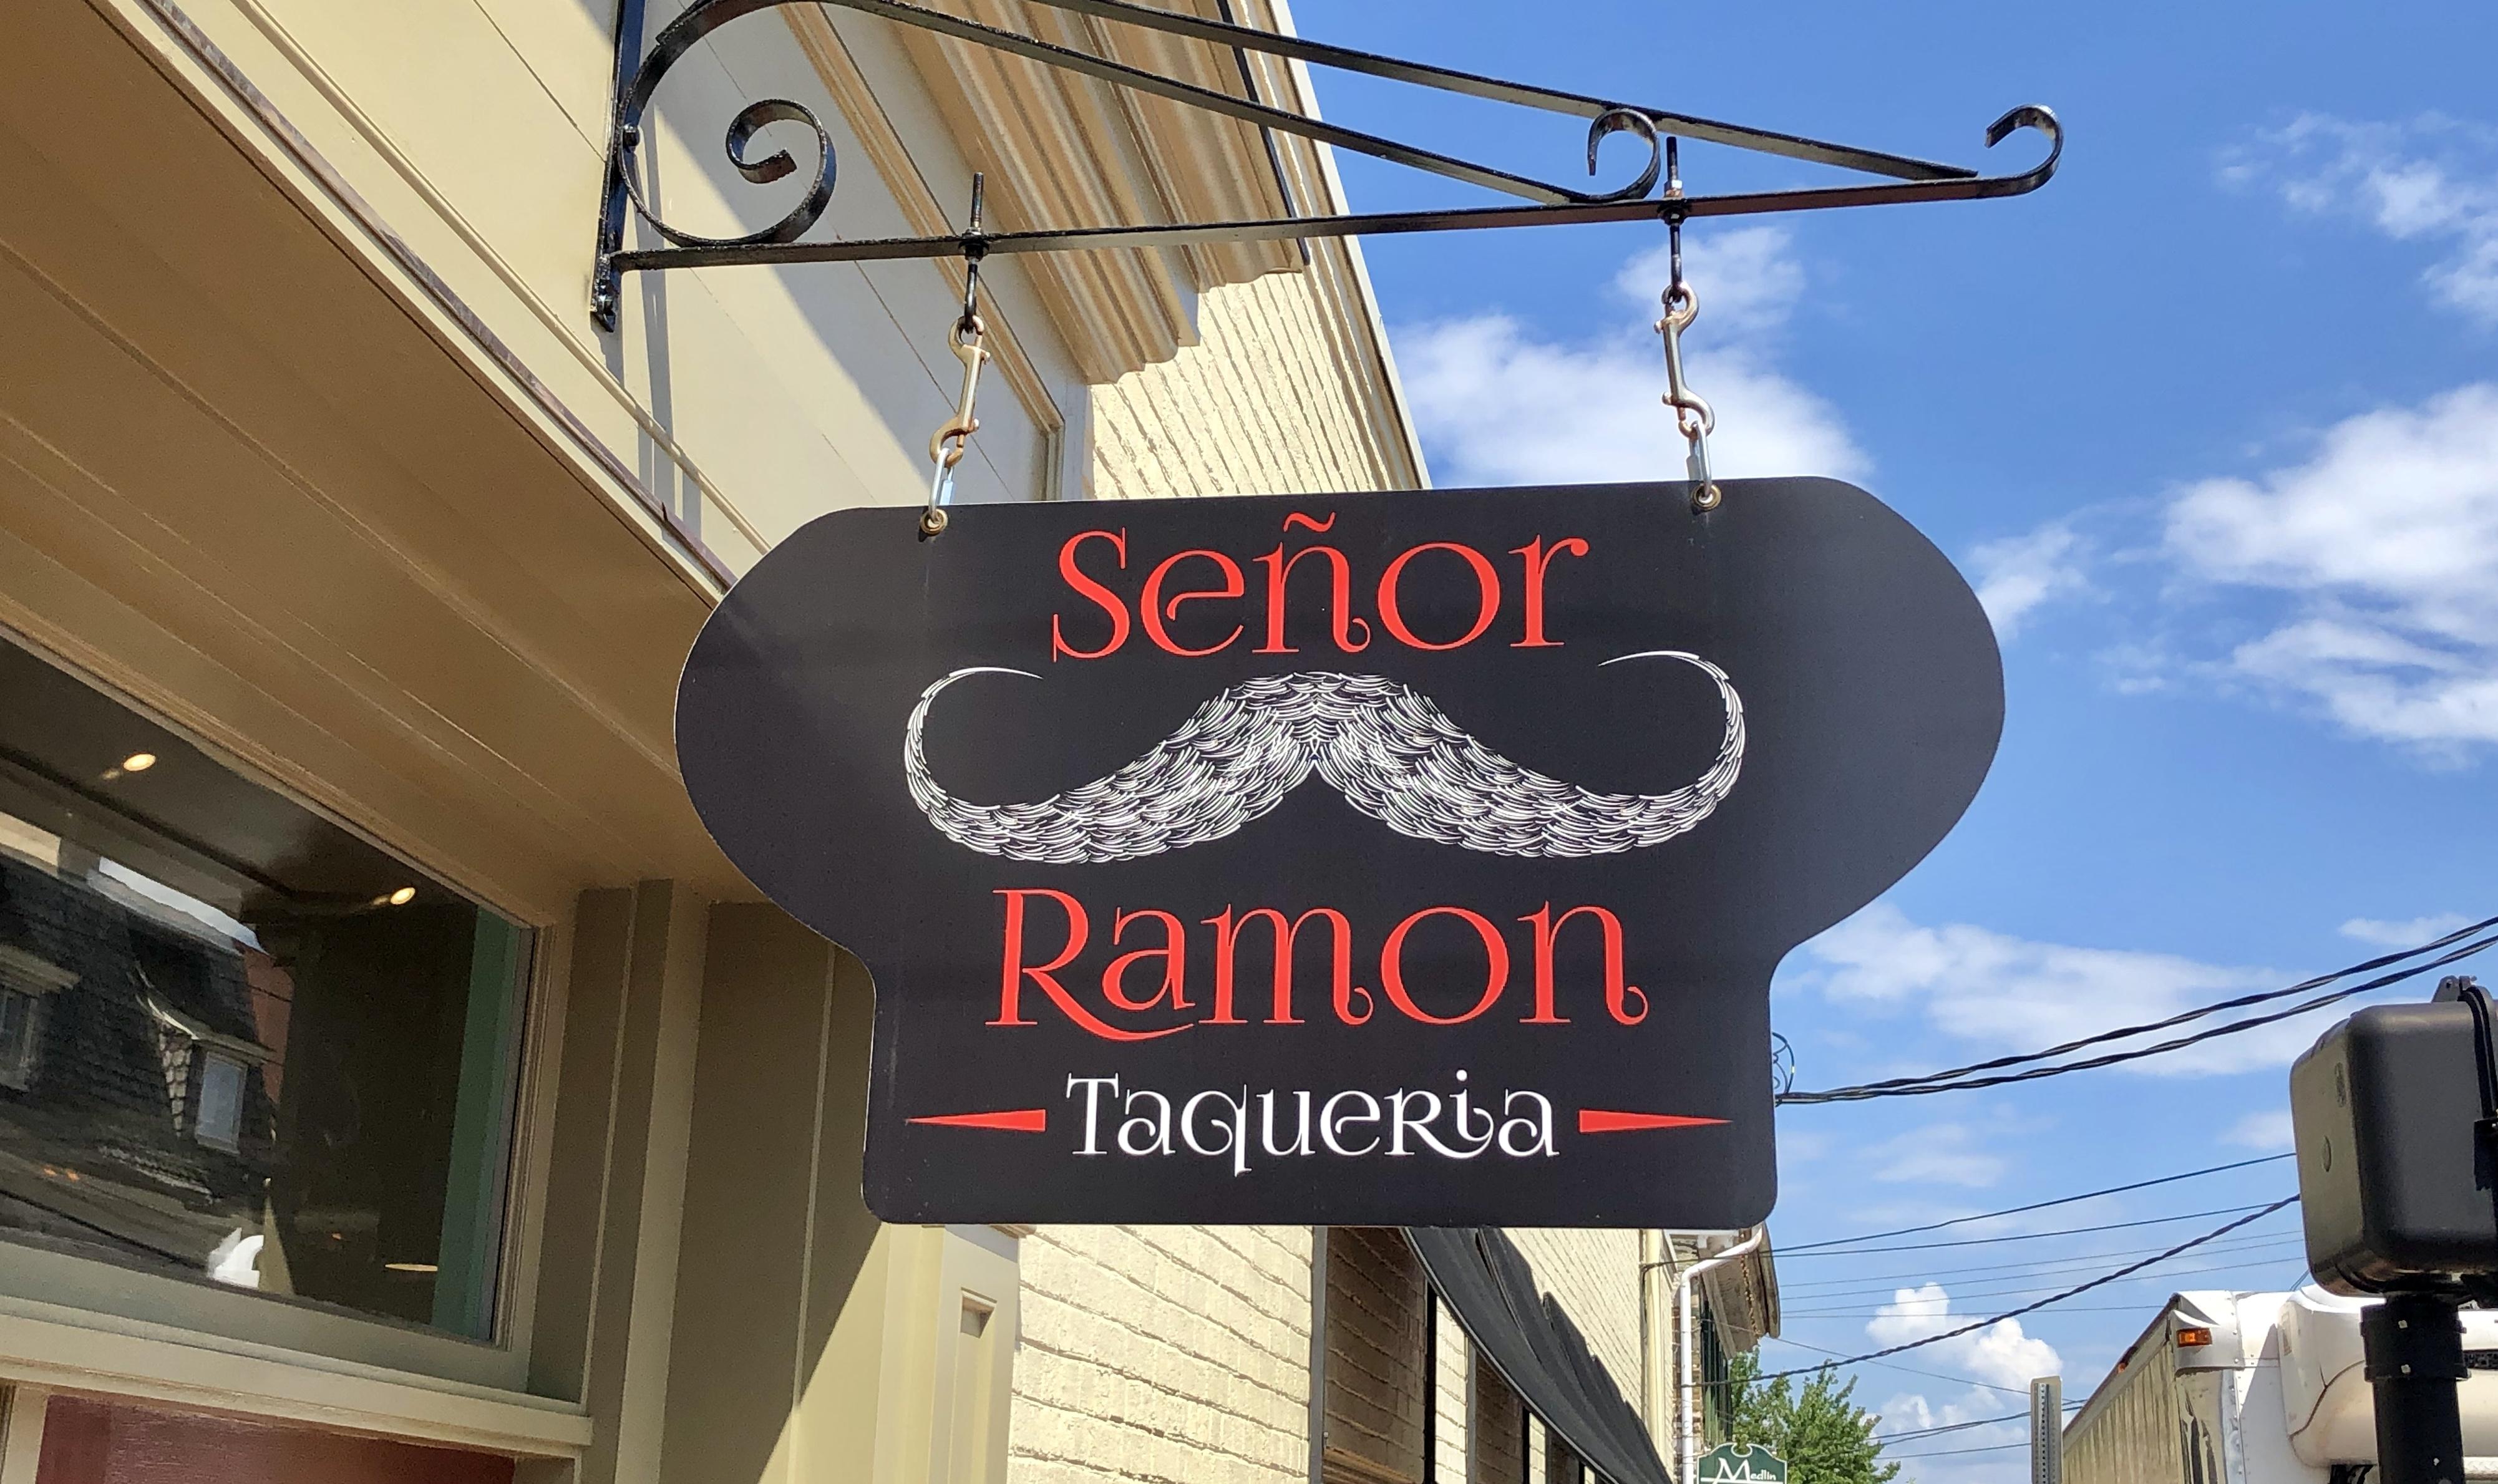 Senor Ramon Taqueria